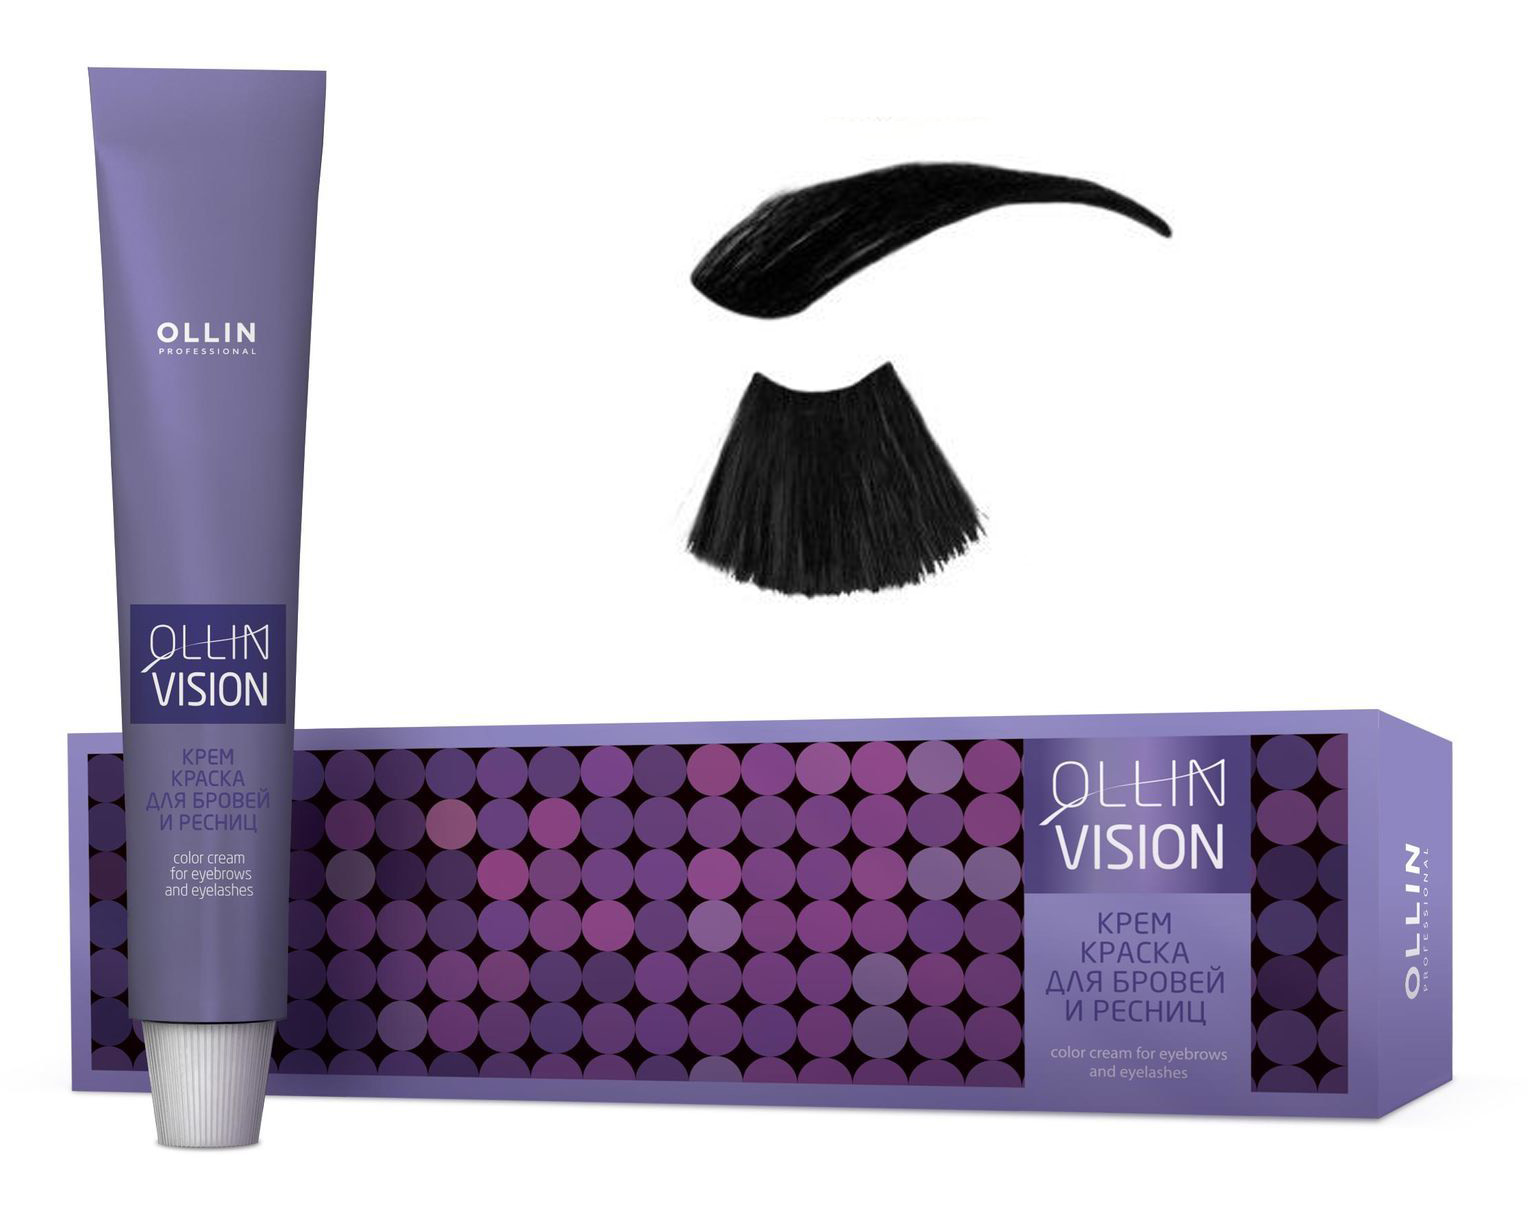 Купить Vision Set Крем-Краска Для Бровей И Ресниц, Ollin Professional